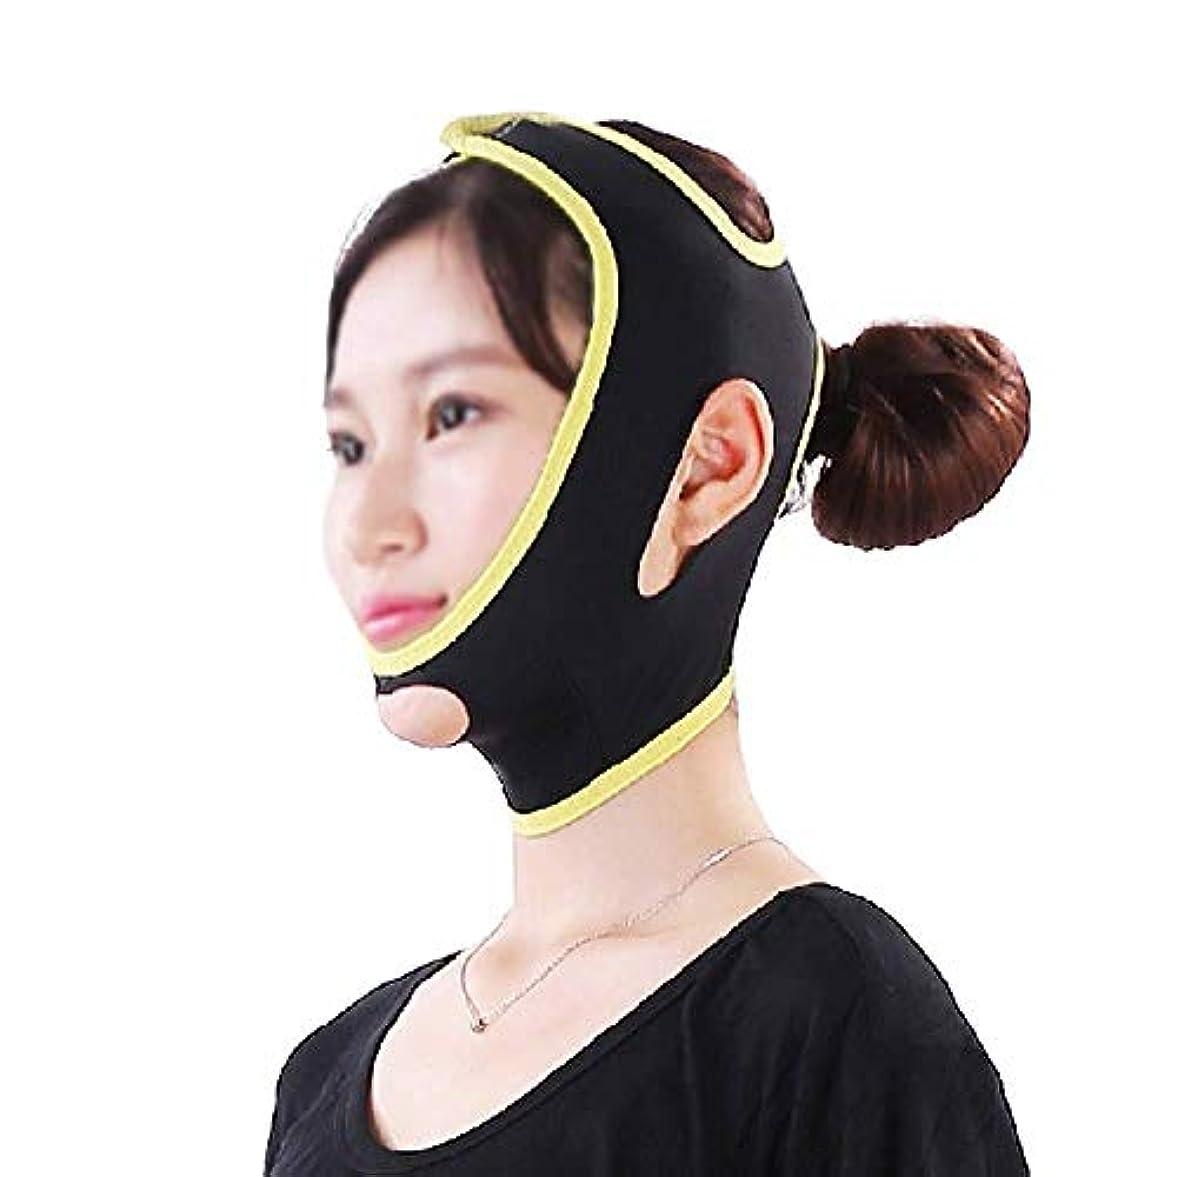 ピービッシュ有彩色のモードフェイスアンドネックリフト、Vフェイスマスクは顔の輪郭を強化して、顎の超弾性包帯を引き締める咬筋を緩和します(サイズ:M)